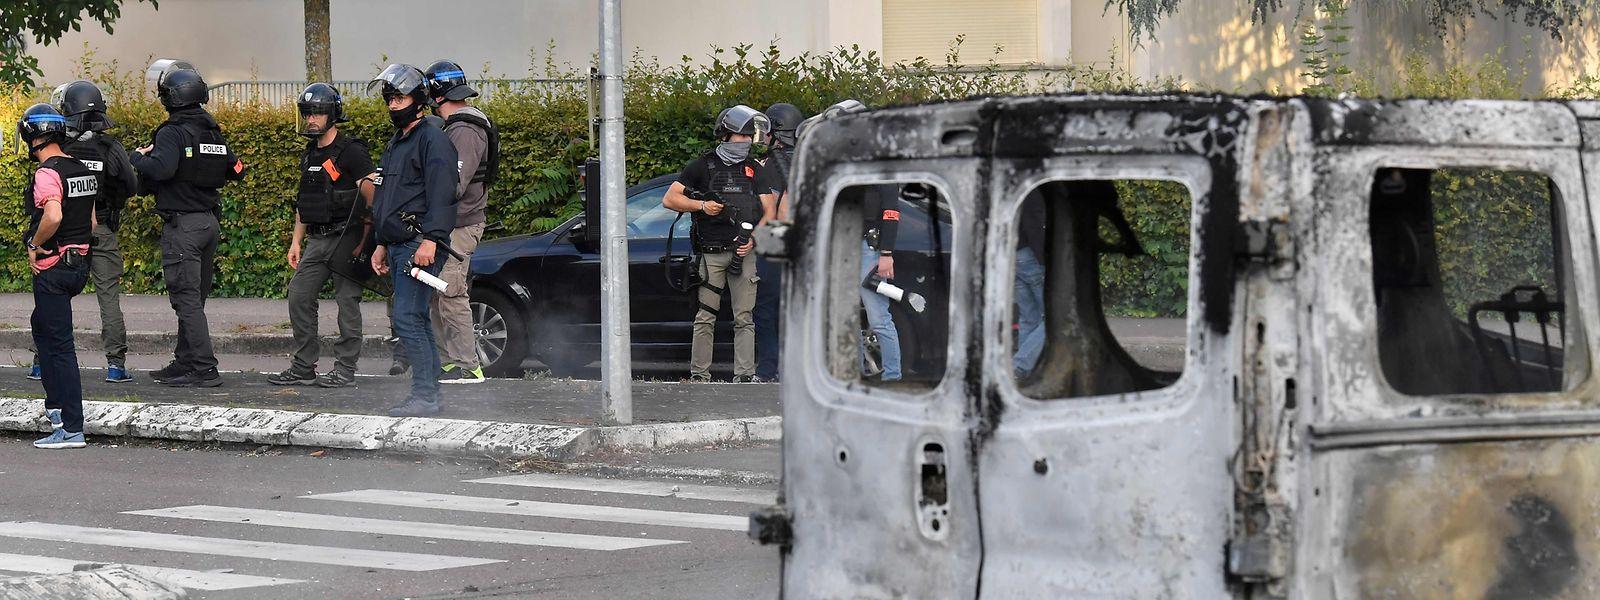 Es kam zu kriegsähnlichen Zuständen in Grésilles, einem Vorort der Stadt Dijon.